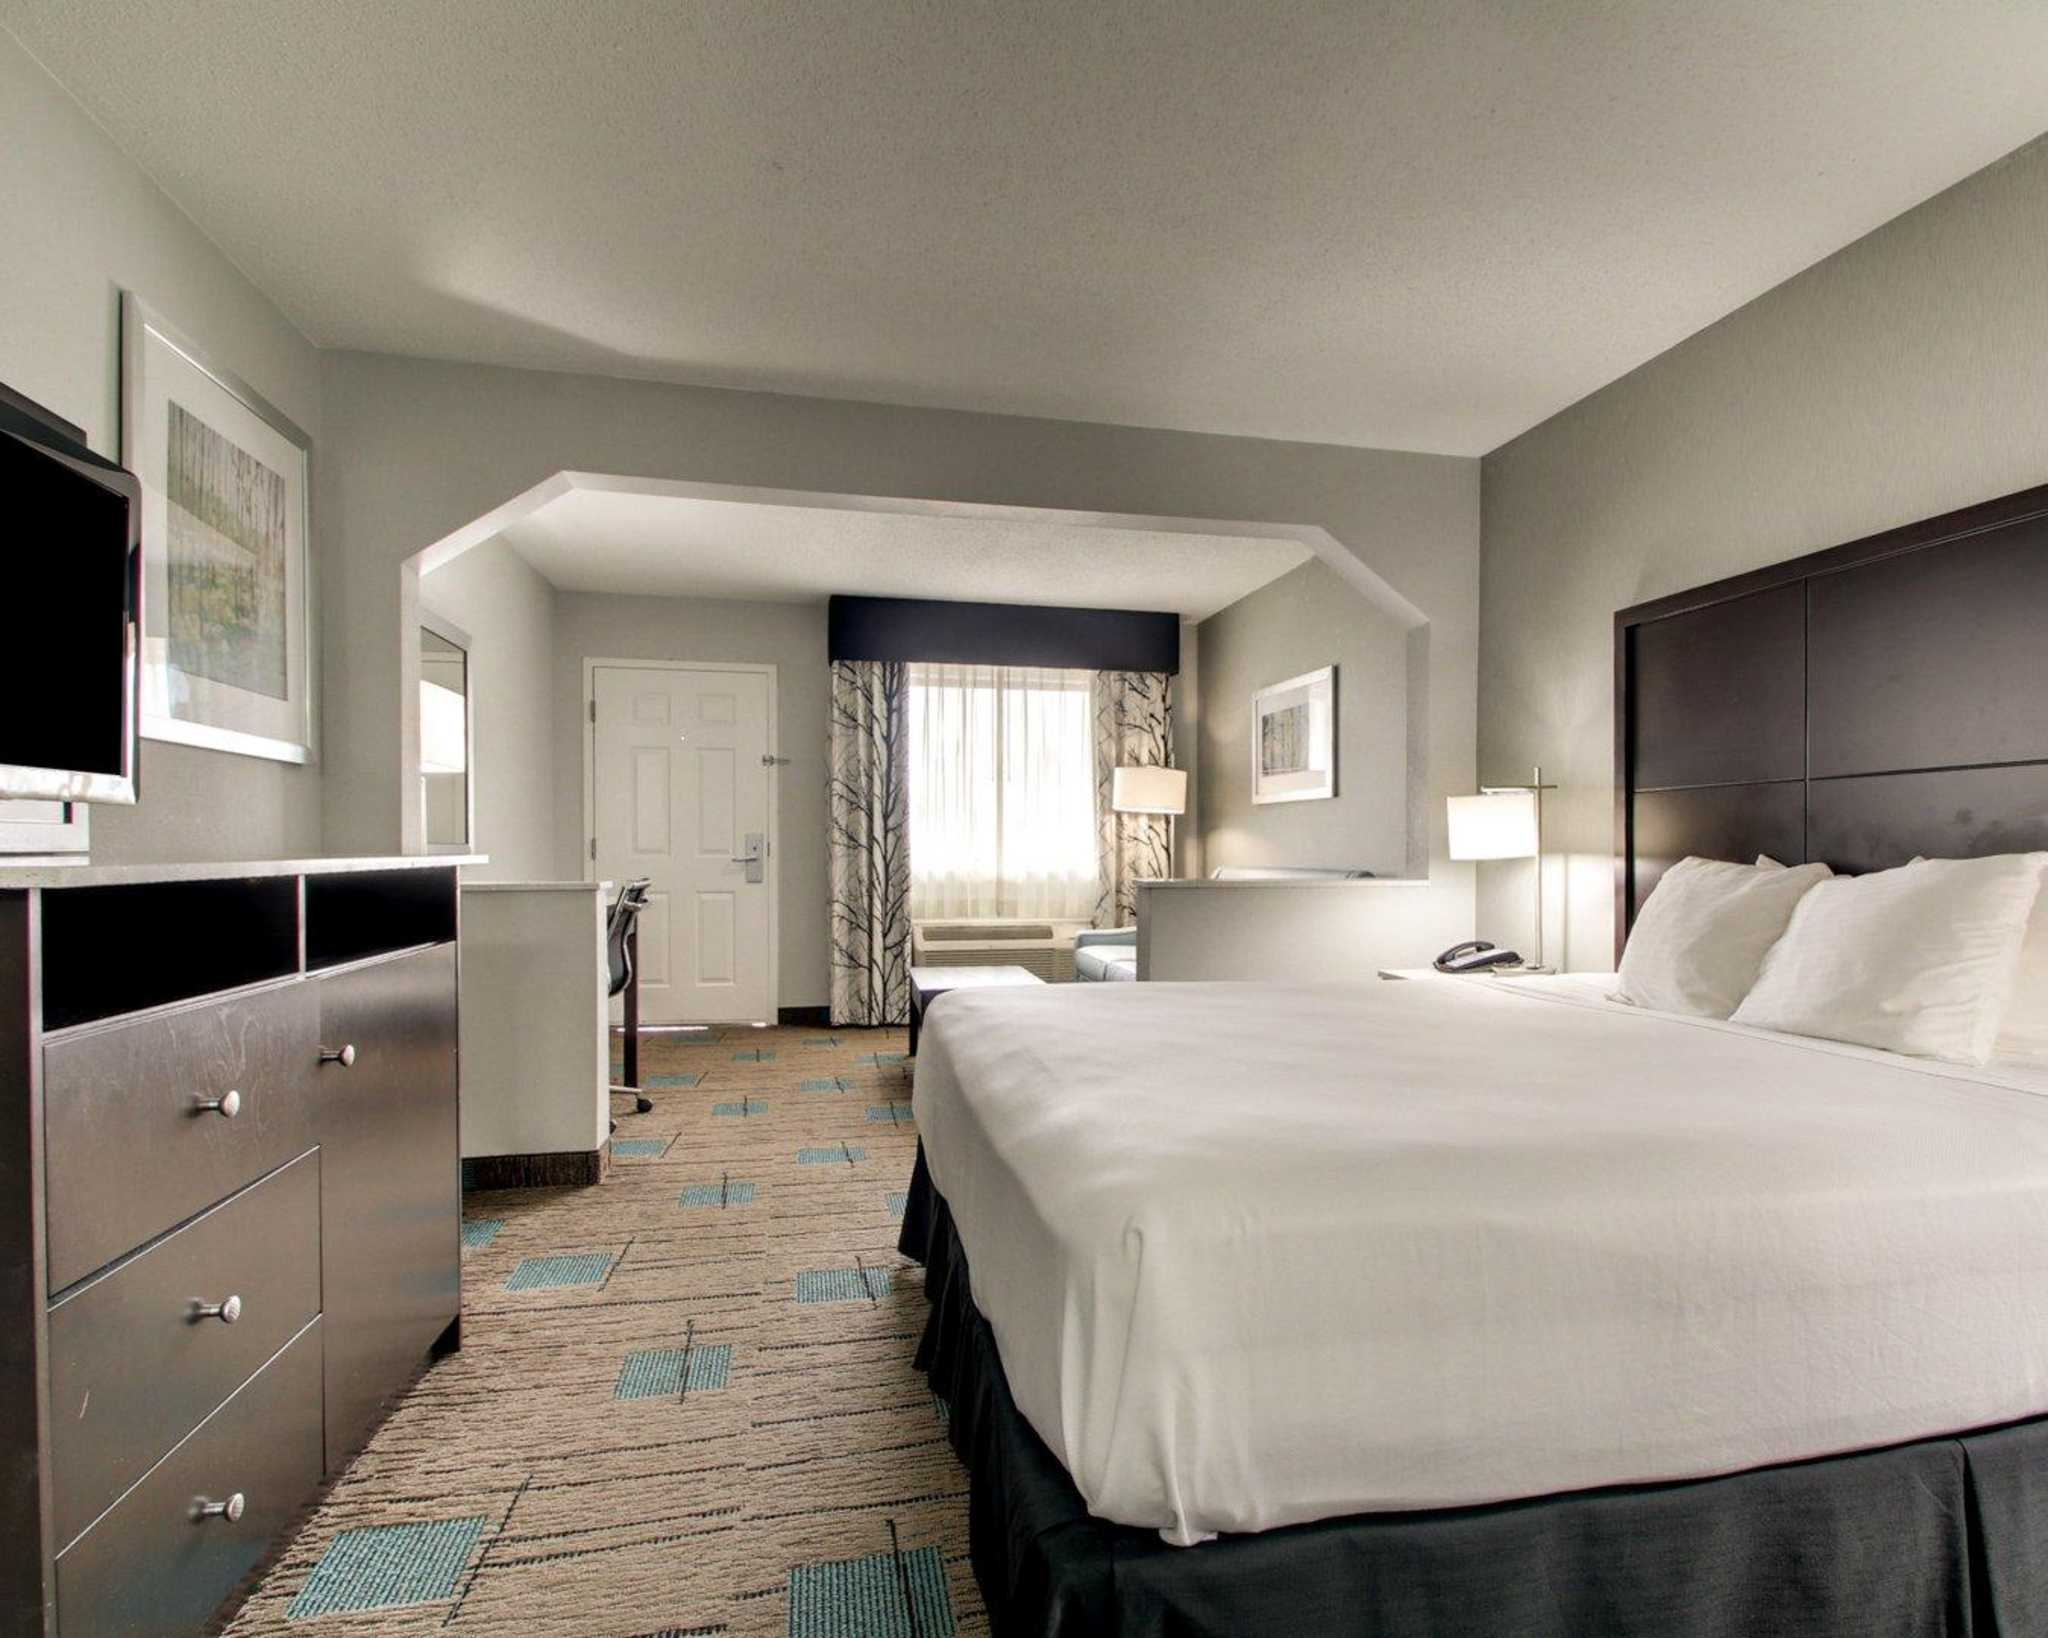 Rodeway Inn & Suites image 24